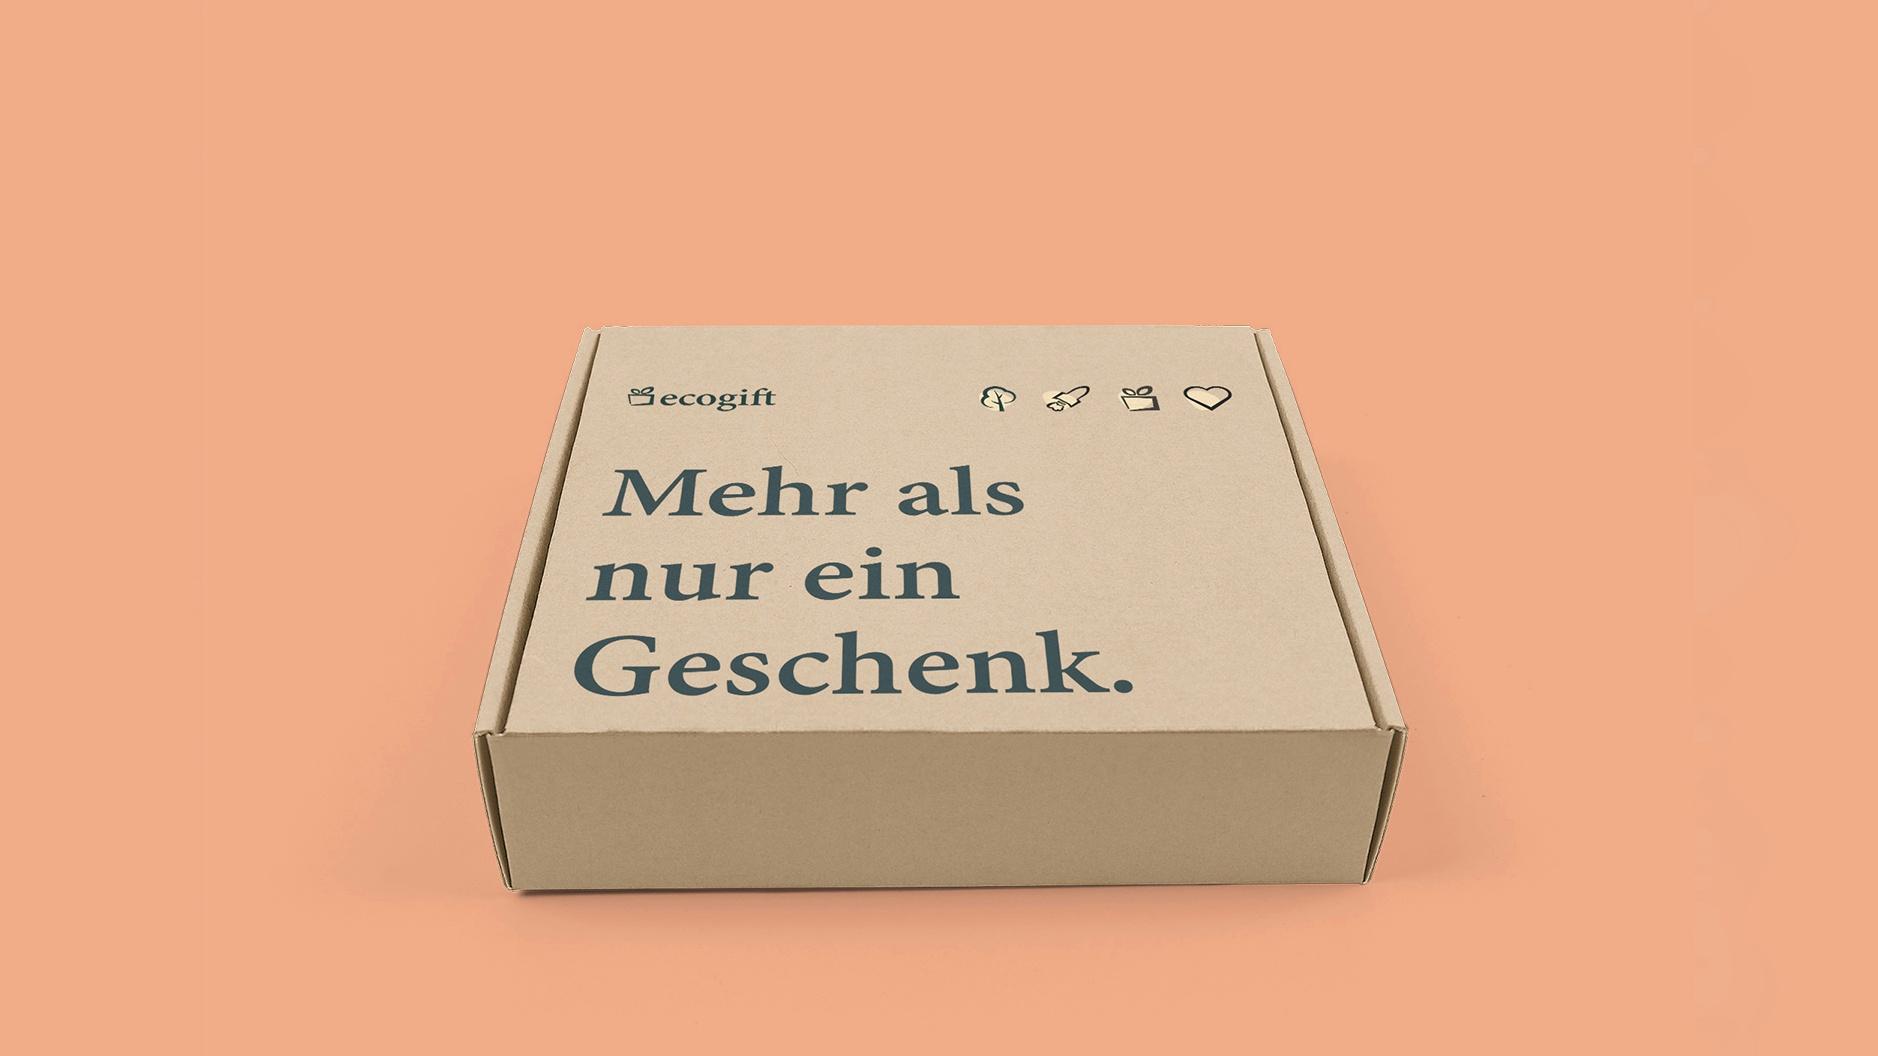 ecogift - Mehr als nur ein Geschenk (Foto: ecogift)